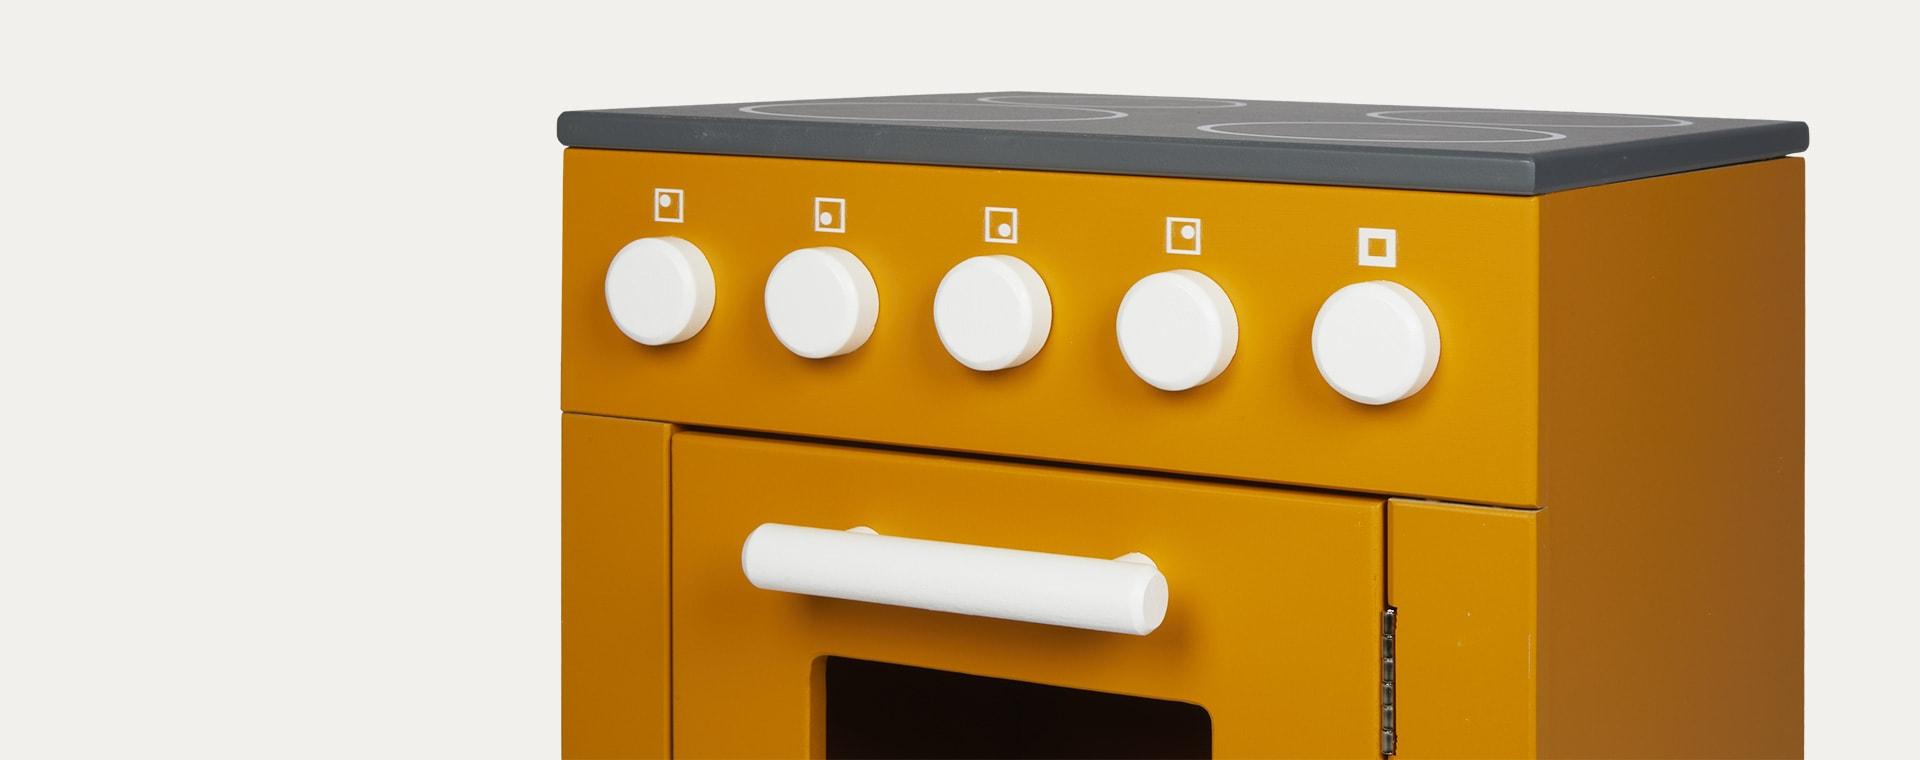 Yellow Kid's Concept Stove